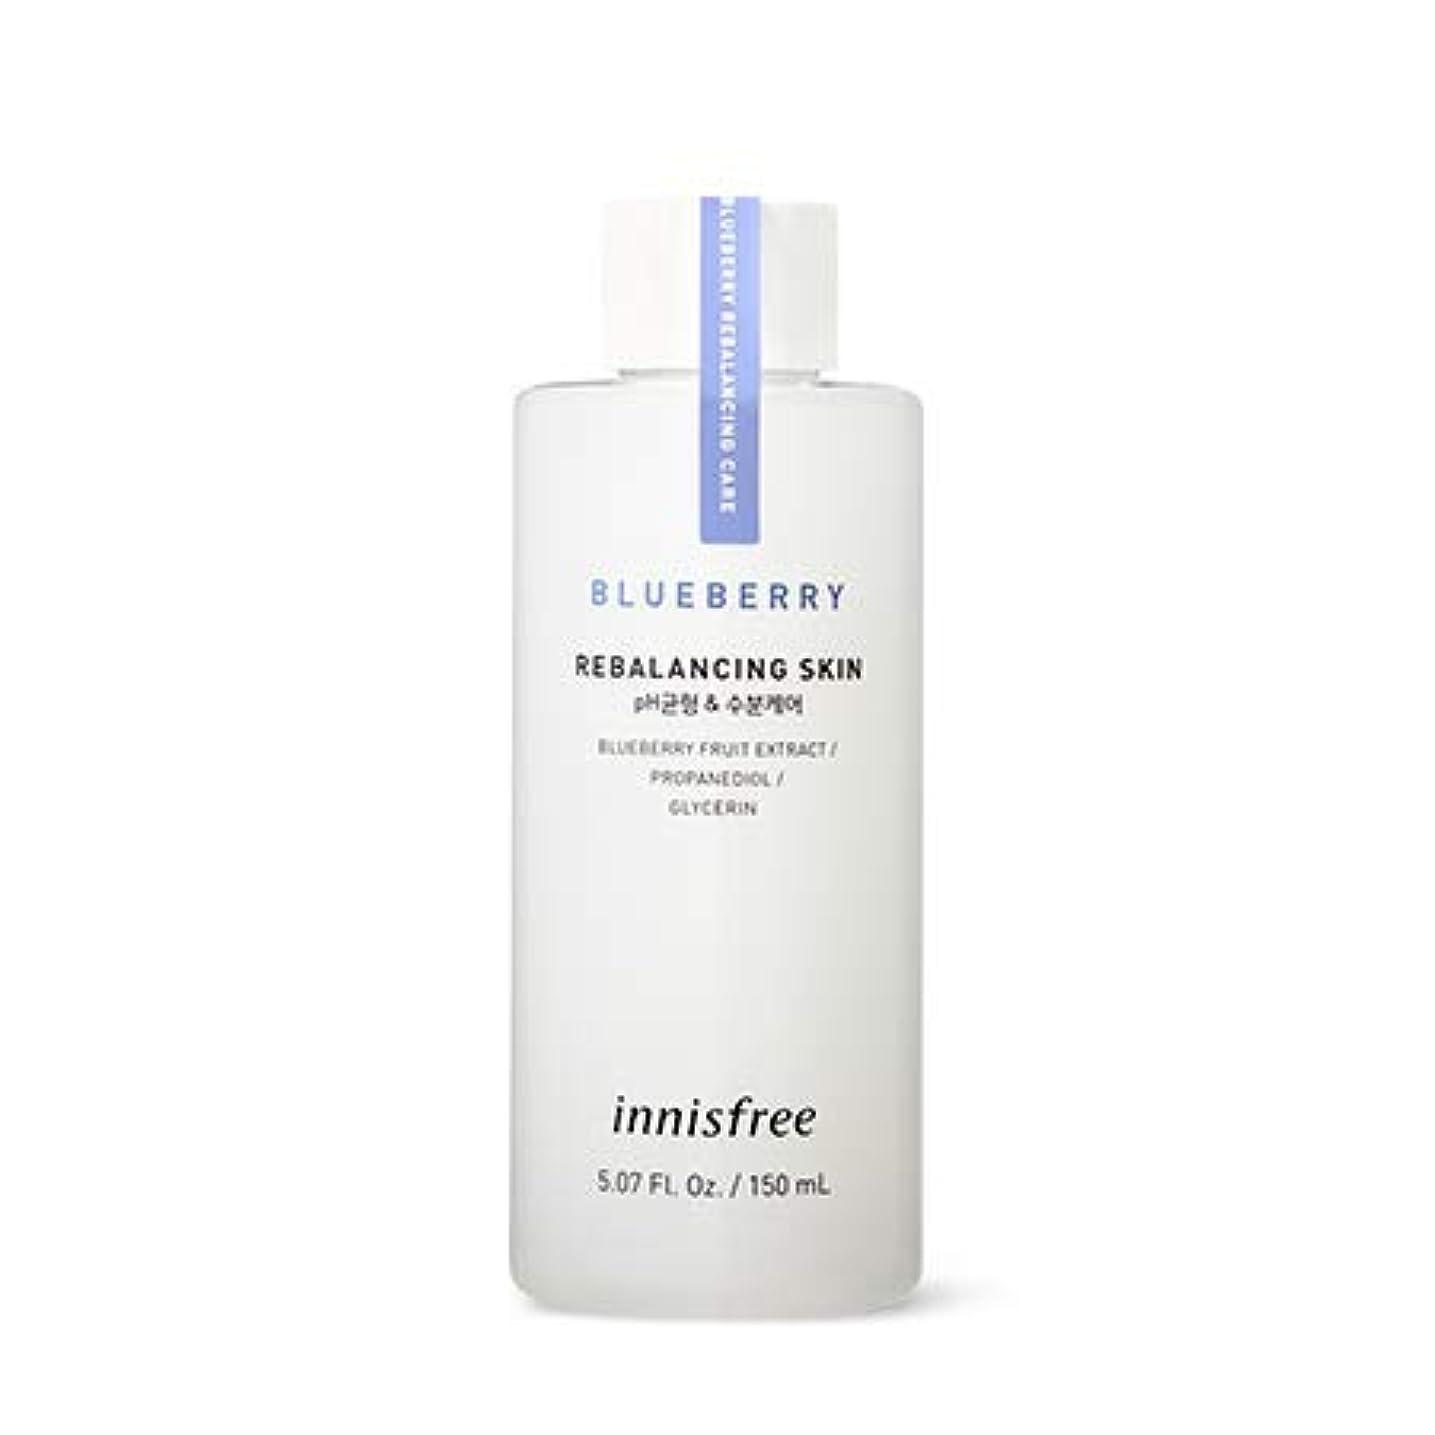 [イニスフリー.innisfree]ブルーベリーリバランシングスキン(2019新発売)/ Blueberry Rebalancing Skin (小容量(150ml))